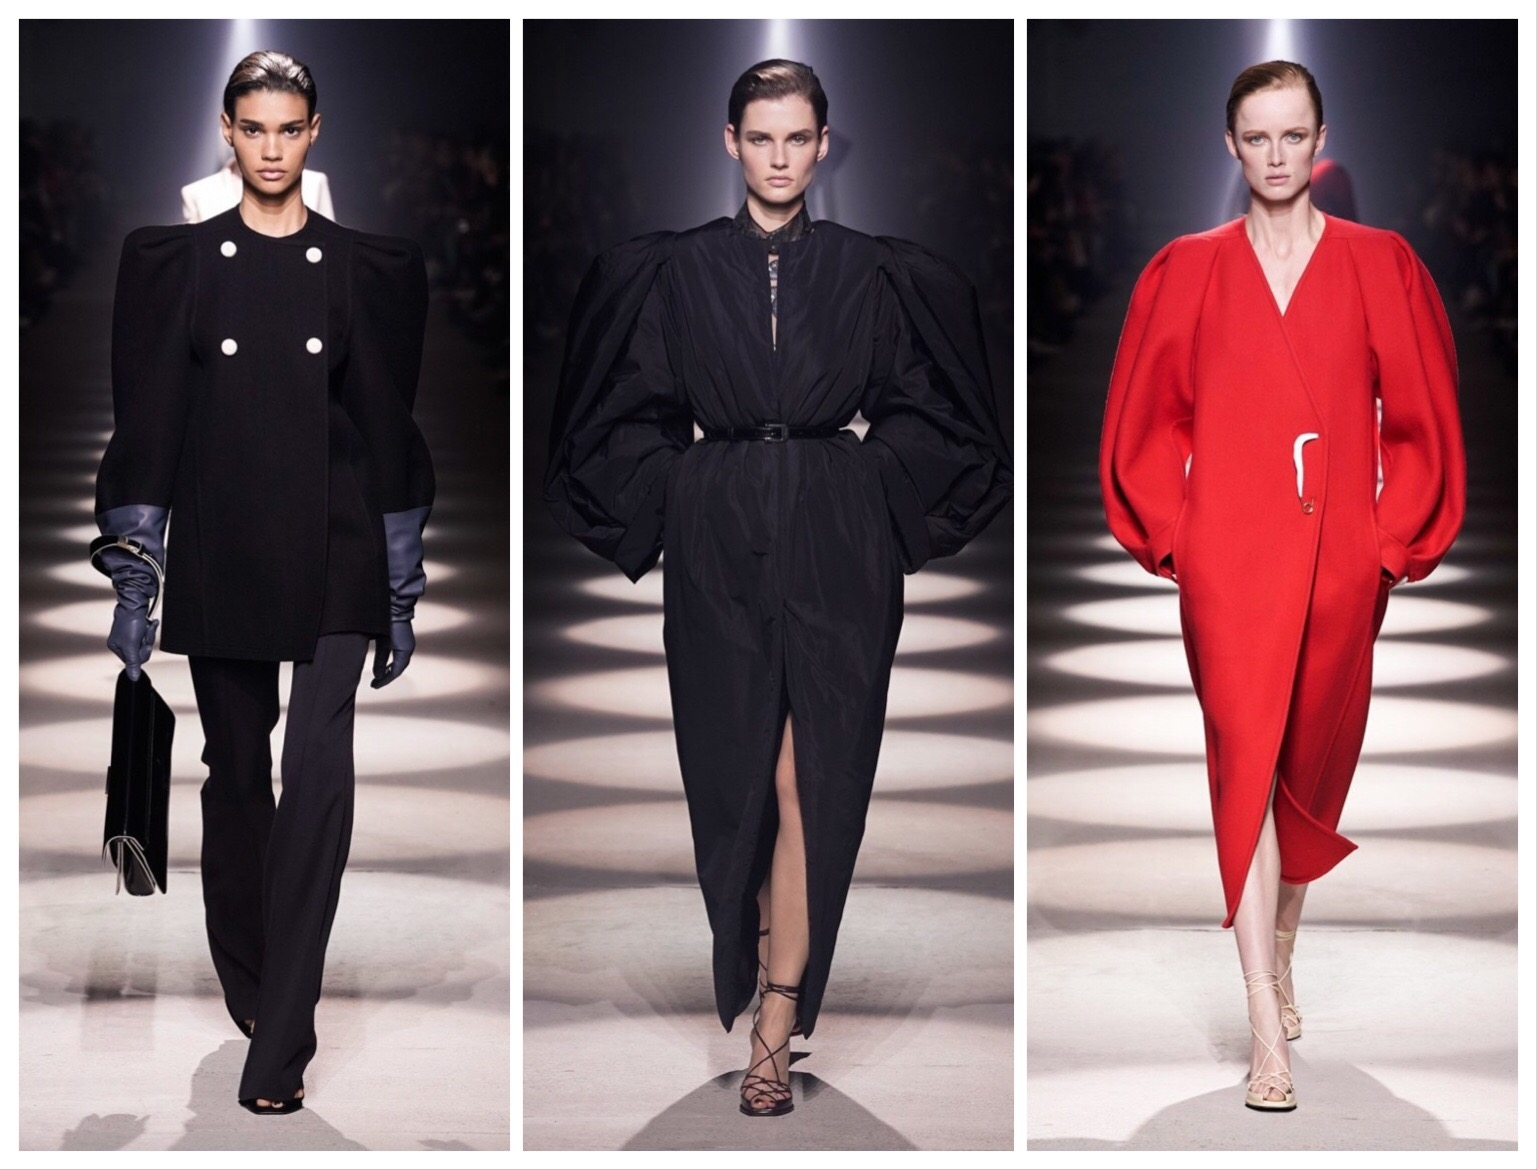 Глубина и сила женщины в новой коллекции Givenchy (ФОТО) - фото №1